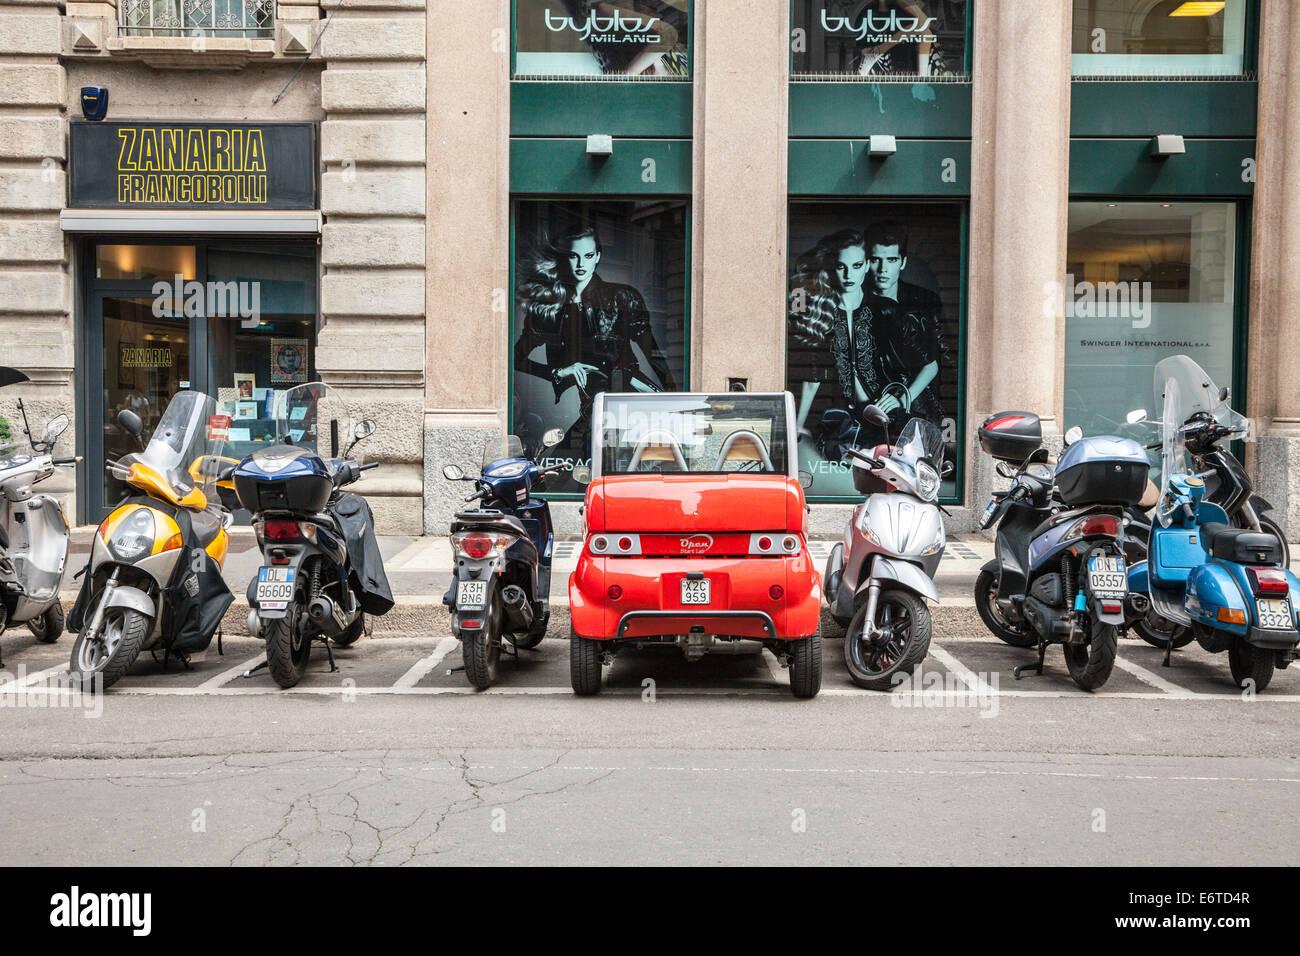 Eléctrico rojo pequeño coche aparcado en una zona de estacionamiento de motocicletas, Milan, Italia. Imagen De Stock